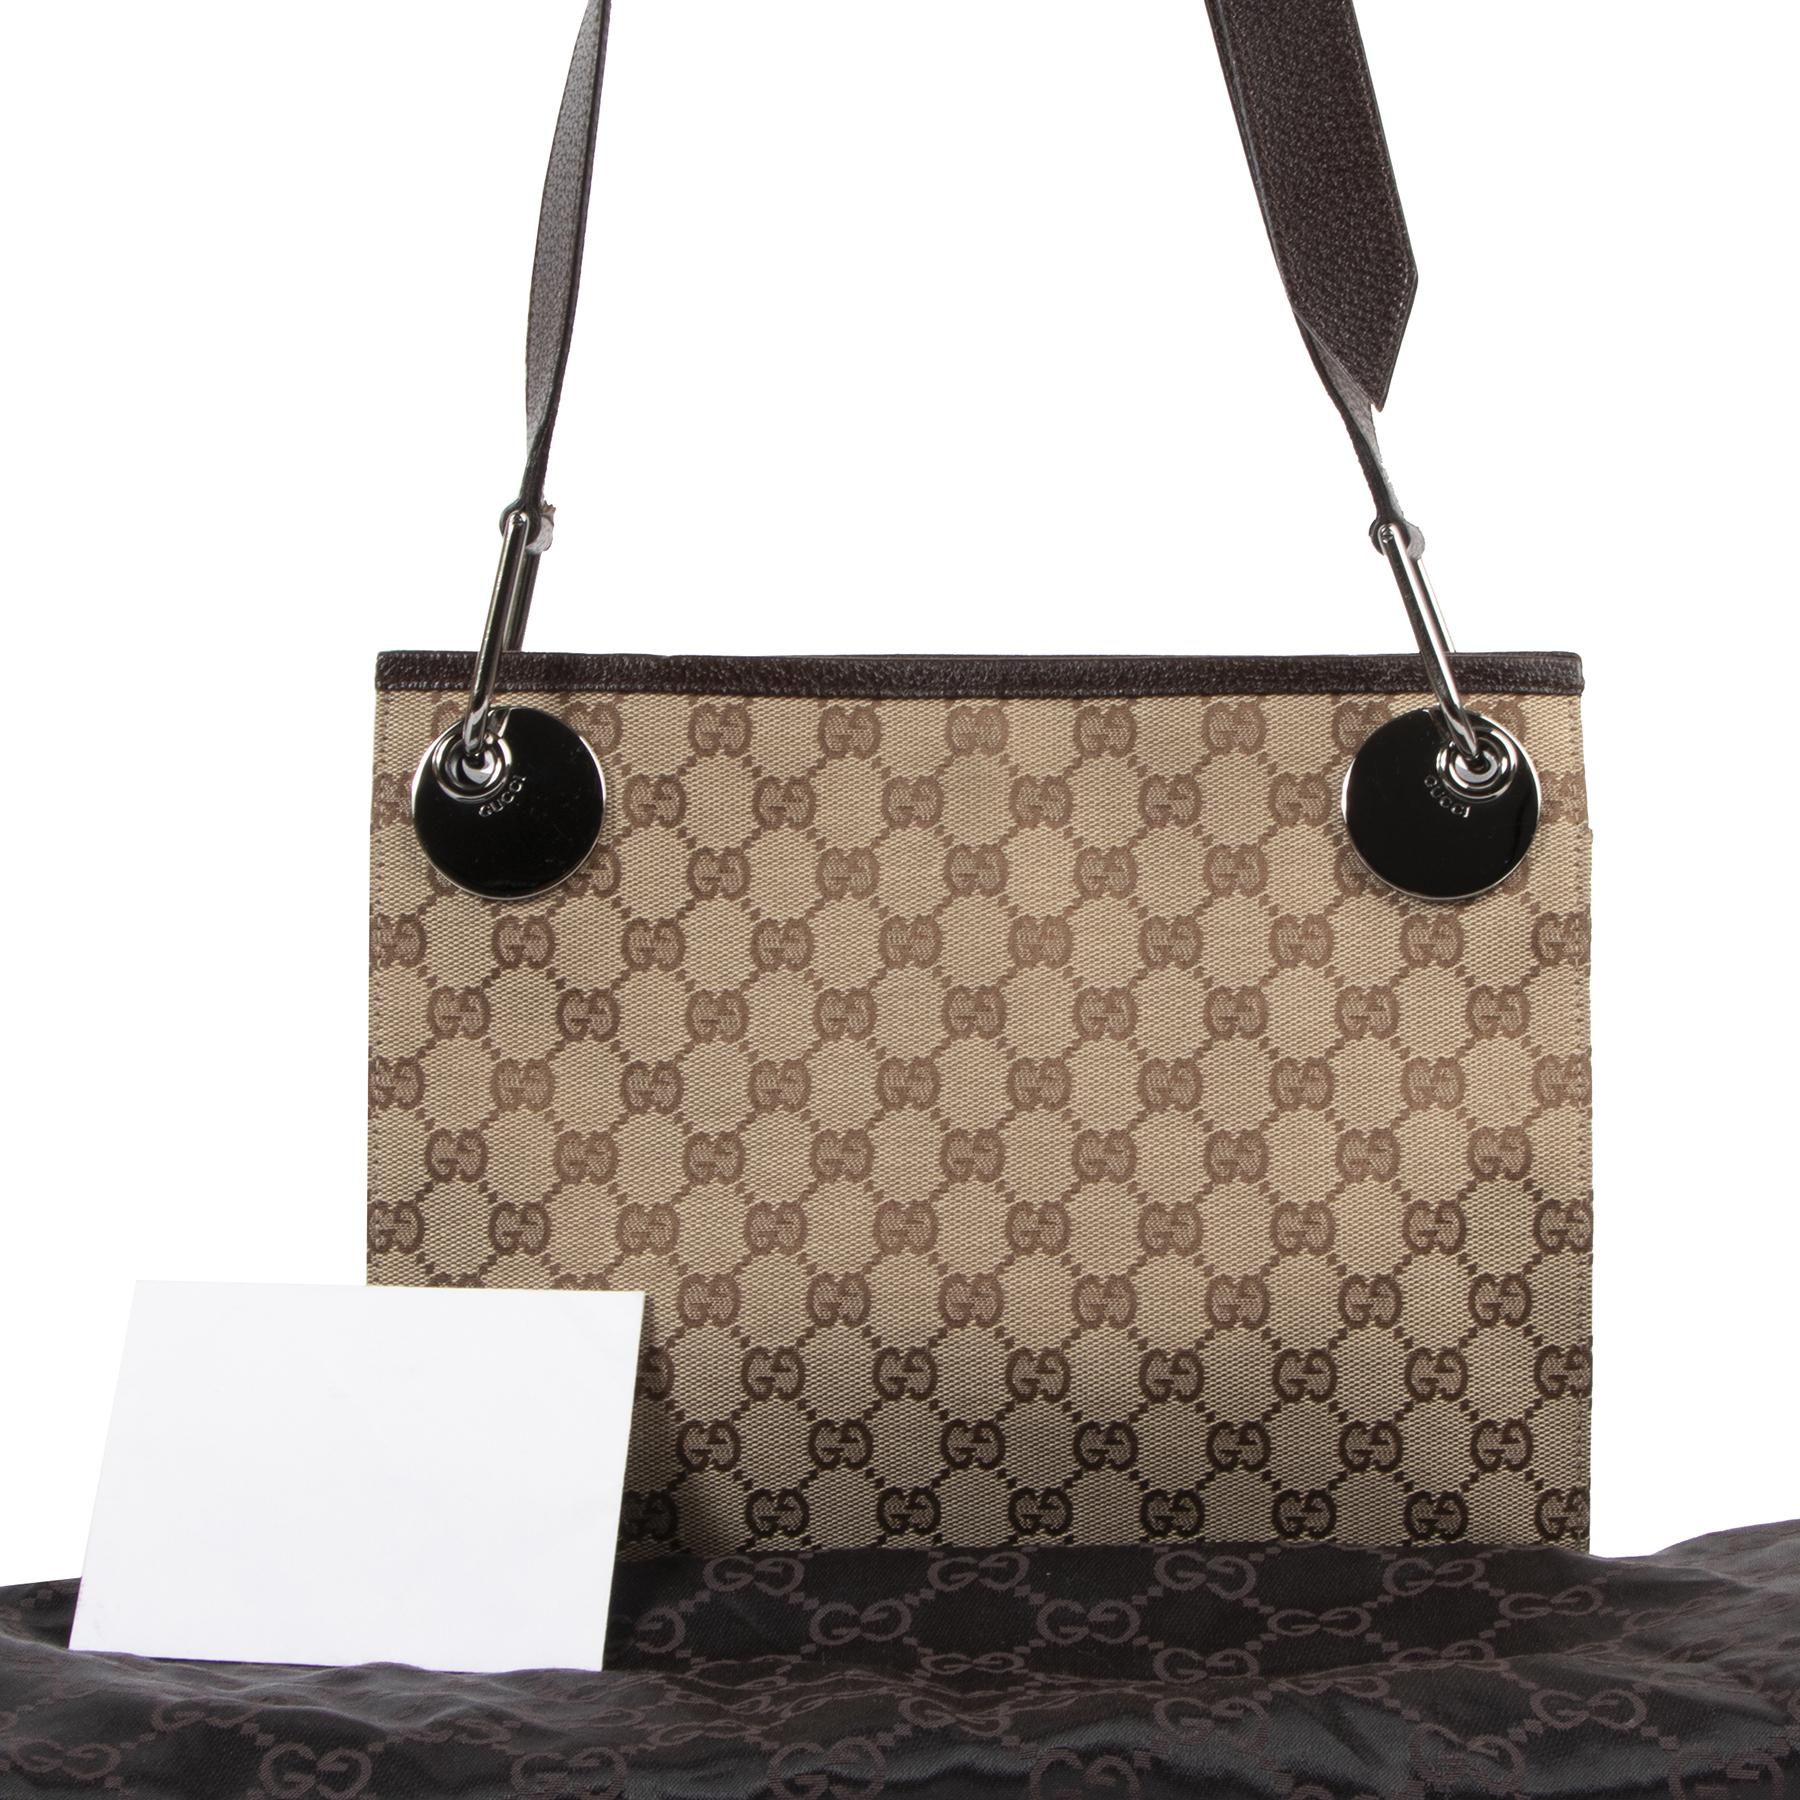 Authentieke Tweedehands Gucci Beige GG Canvas Messenger Crossbody Bag juiste prijs veilig online shoppen luxe merken webshop winkelen Antwerpen België mode fashion